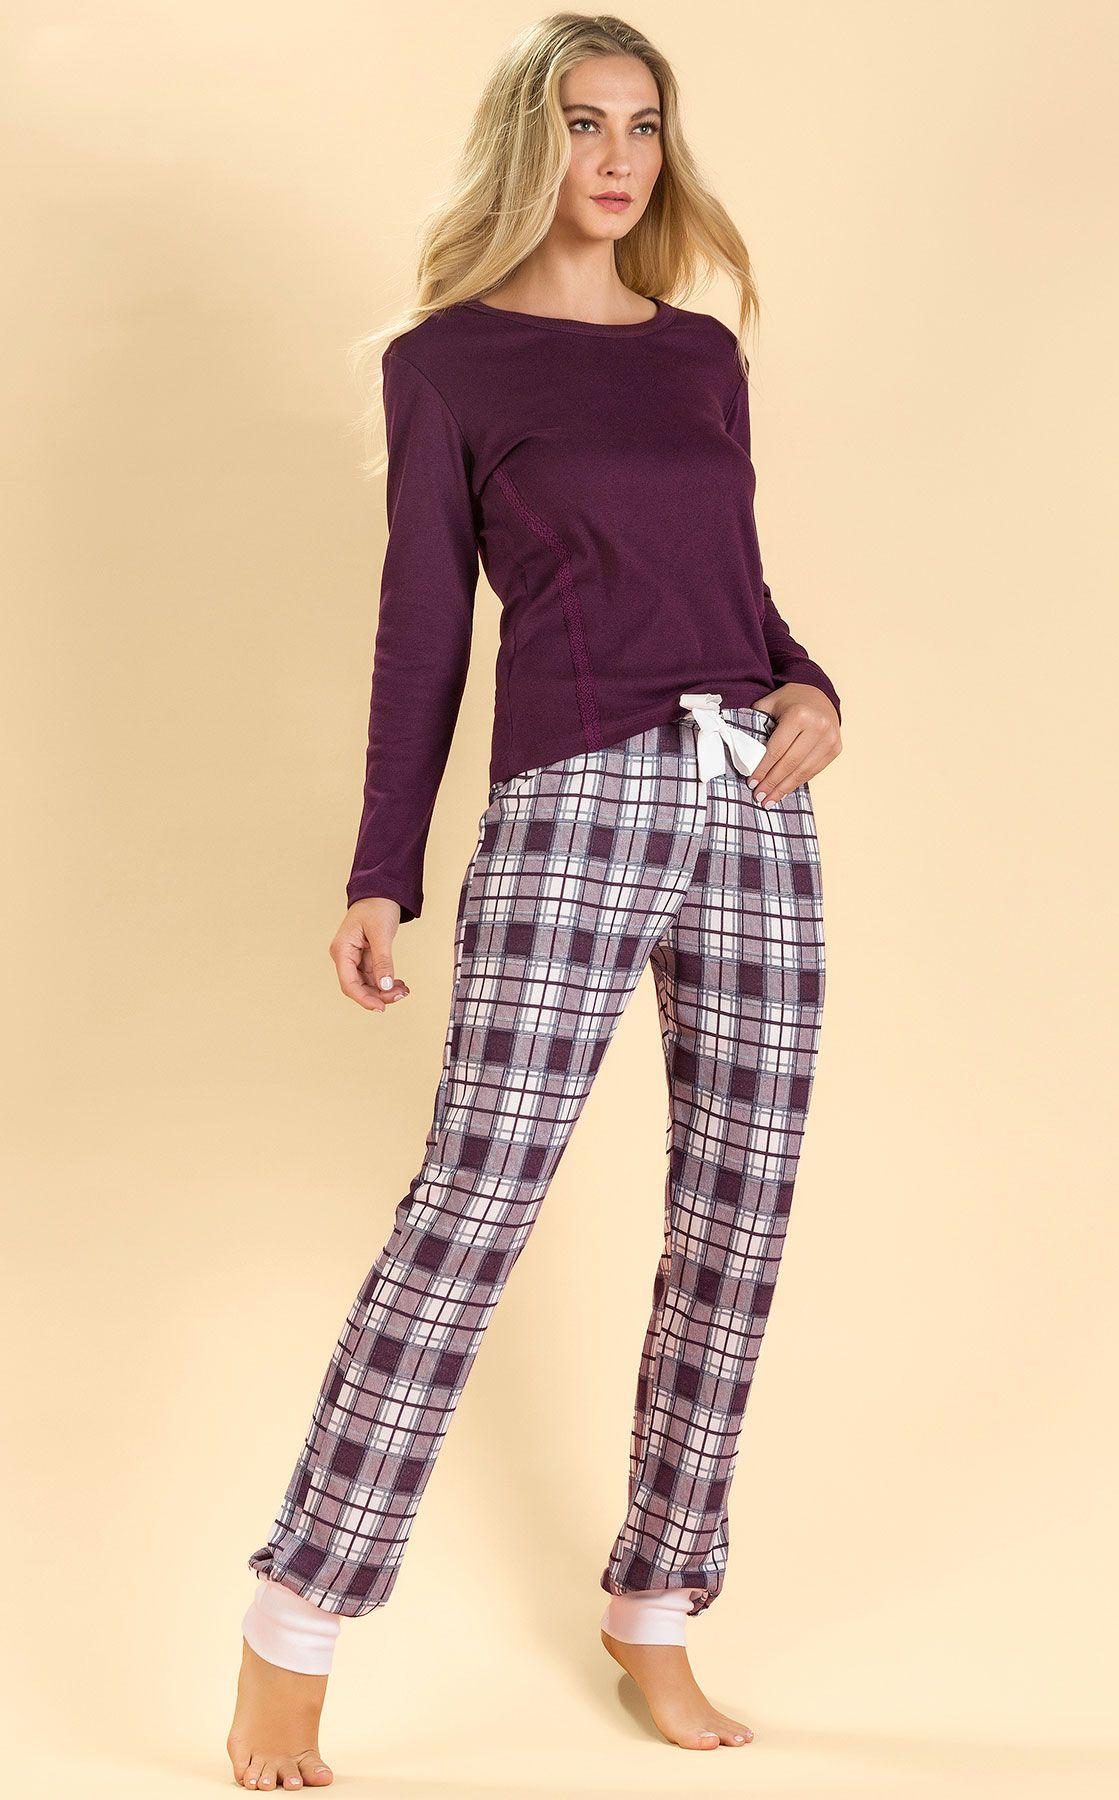 441fa4108d2cf8 Blusa de Ribana c/ calça de Moletinho. Curta uma combinação ...